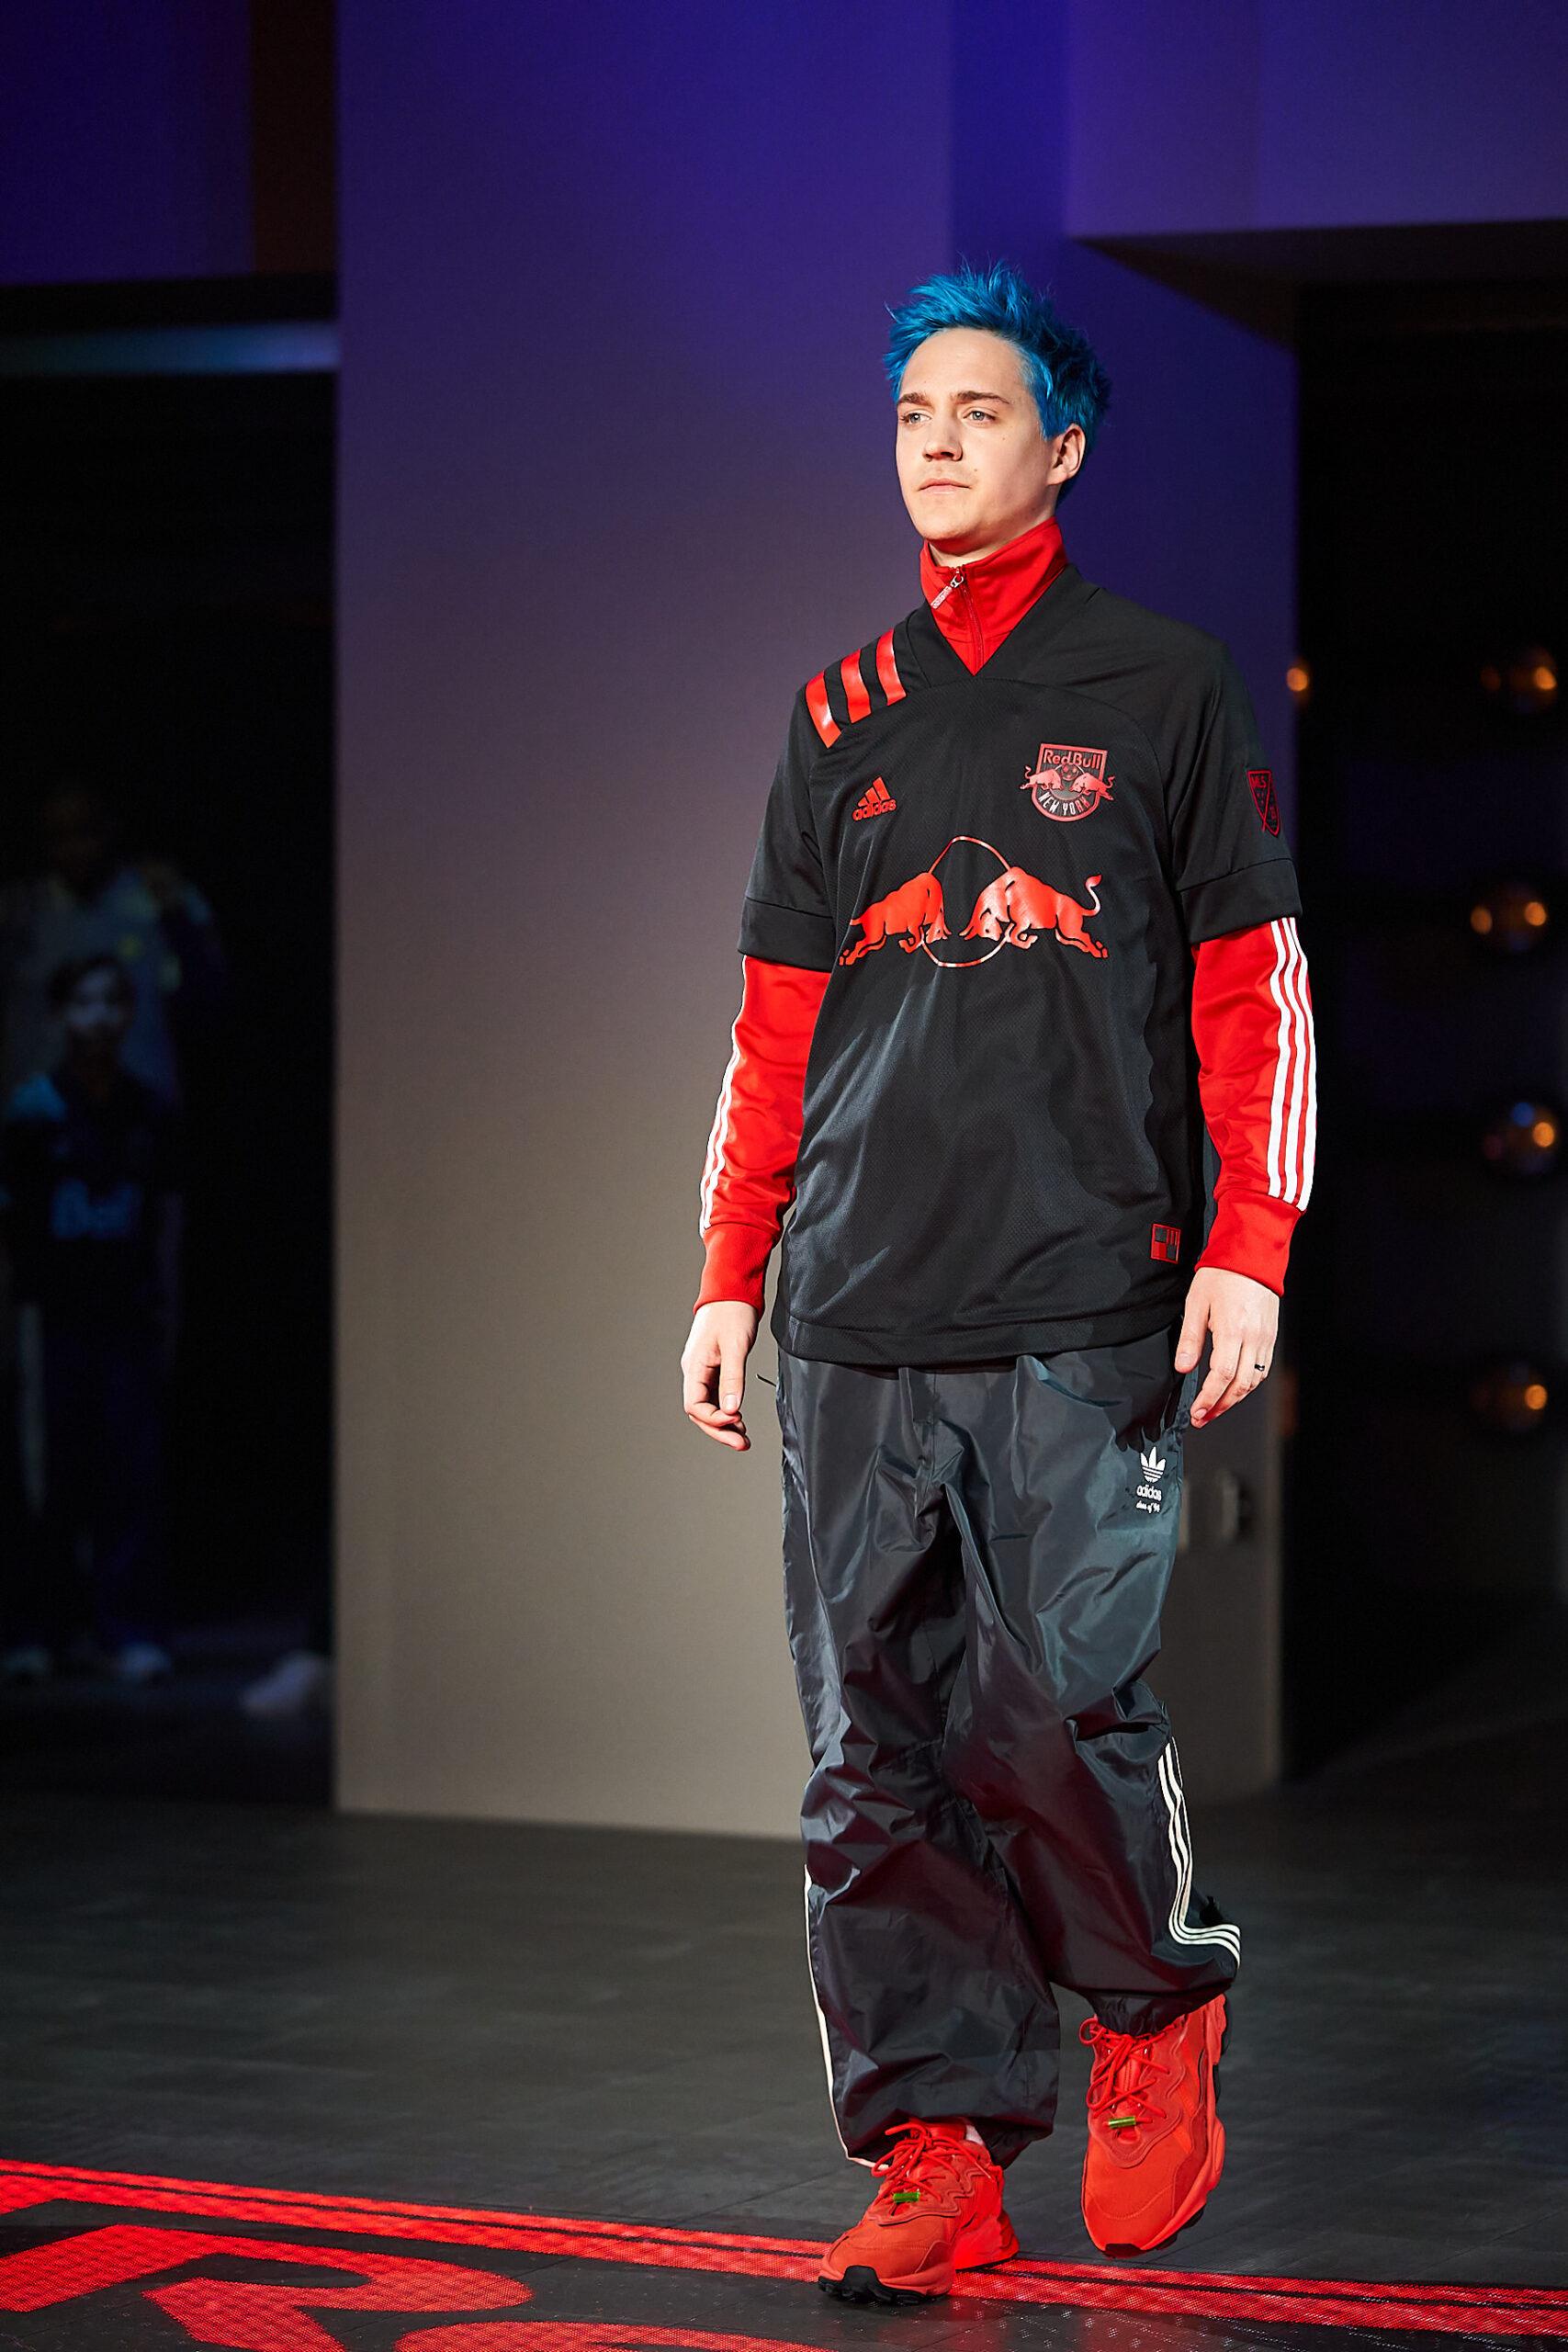 new york red bulls 2020 kit